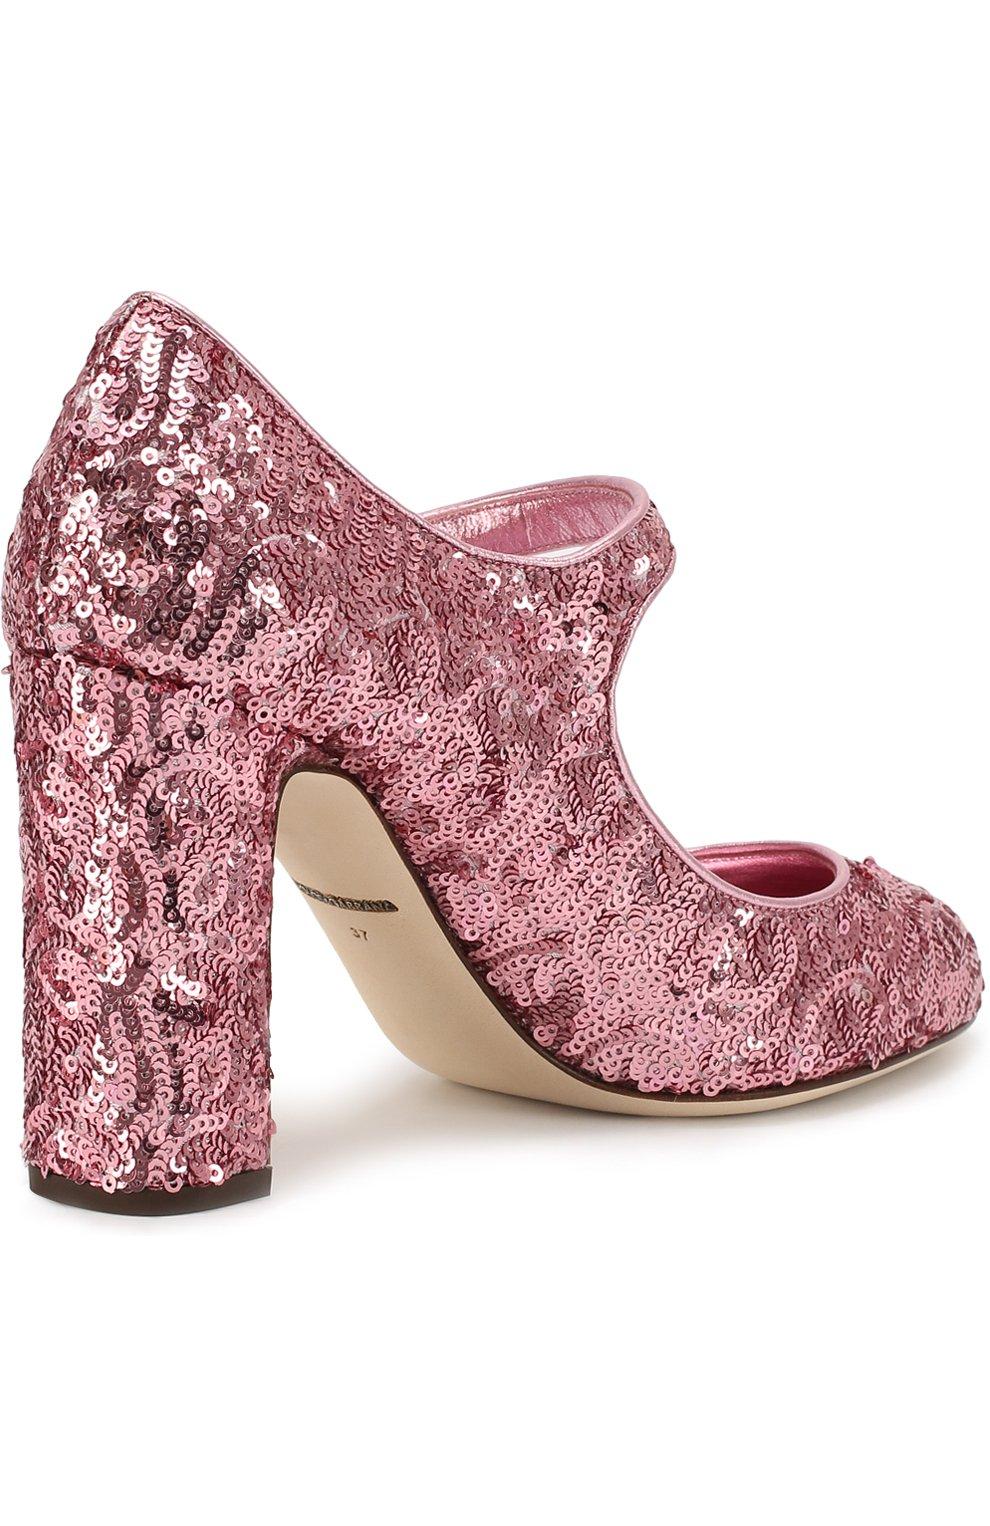 Туфли Vally с пайетками Dolce & Gabbana розовые | Фото №3